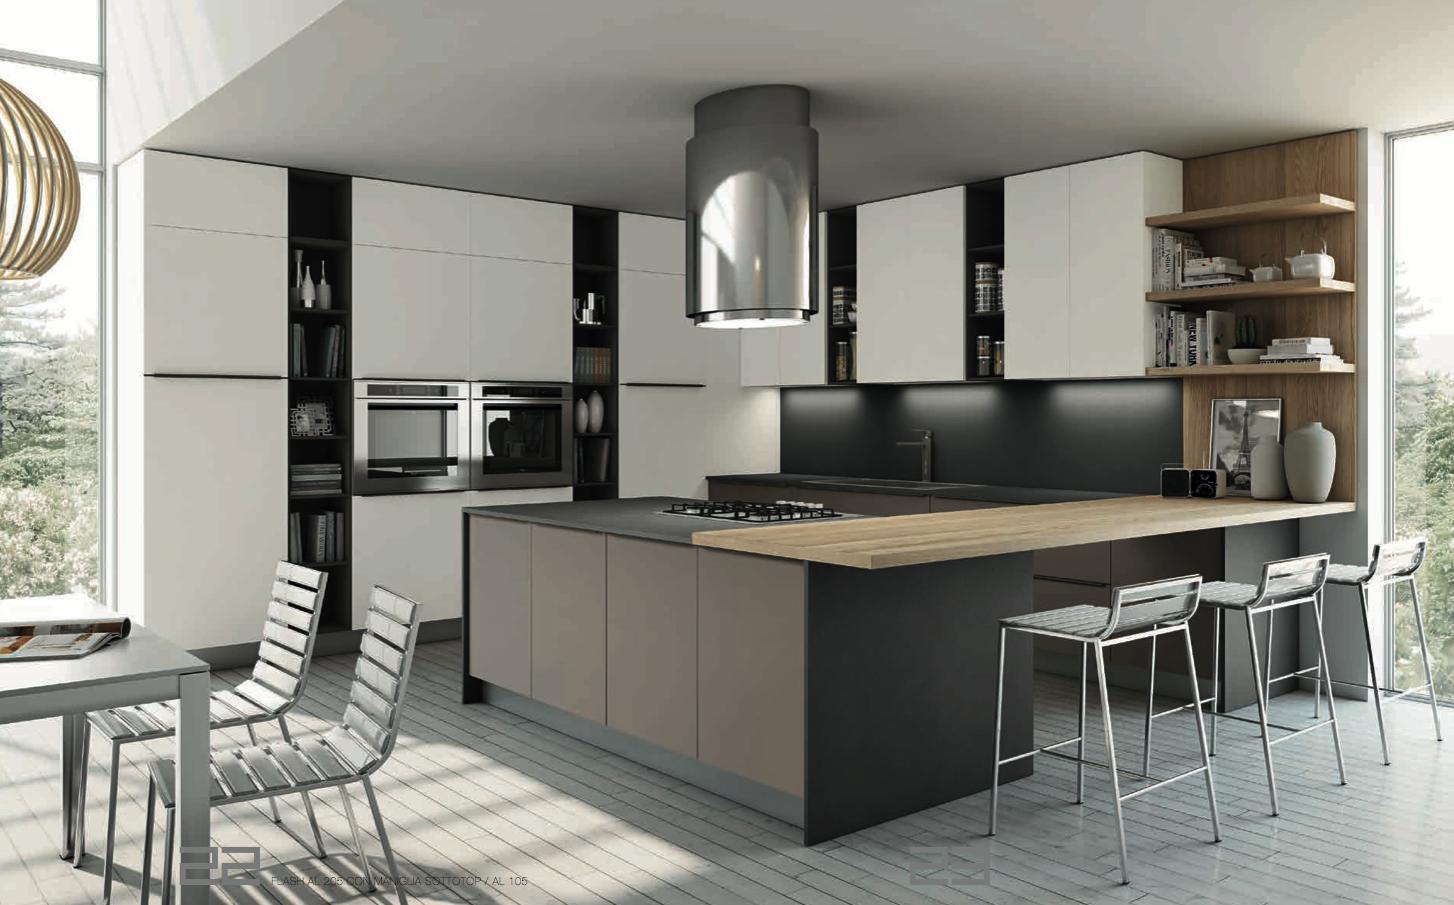 Come scegliere la cucina architetto arreda for Architetto arreda